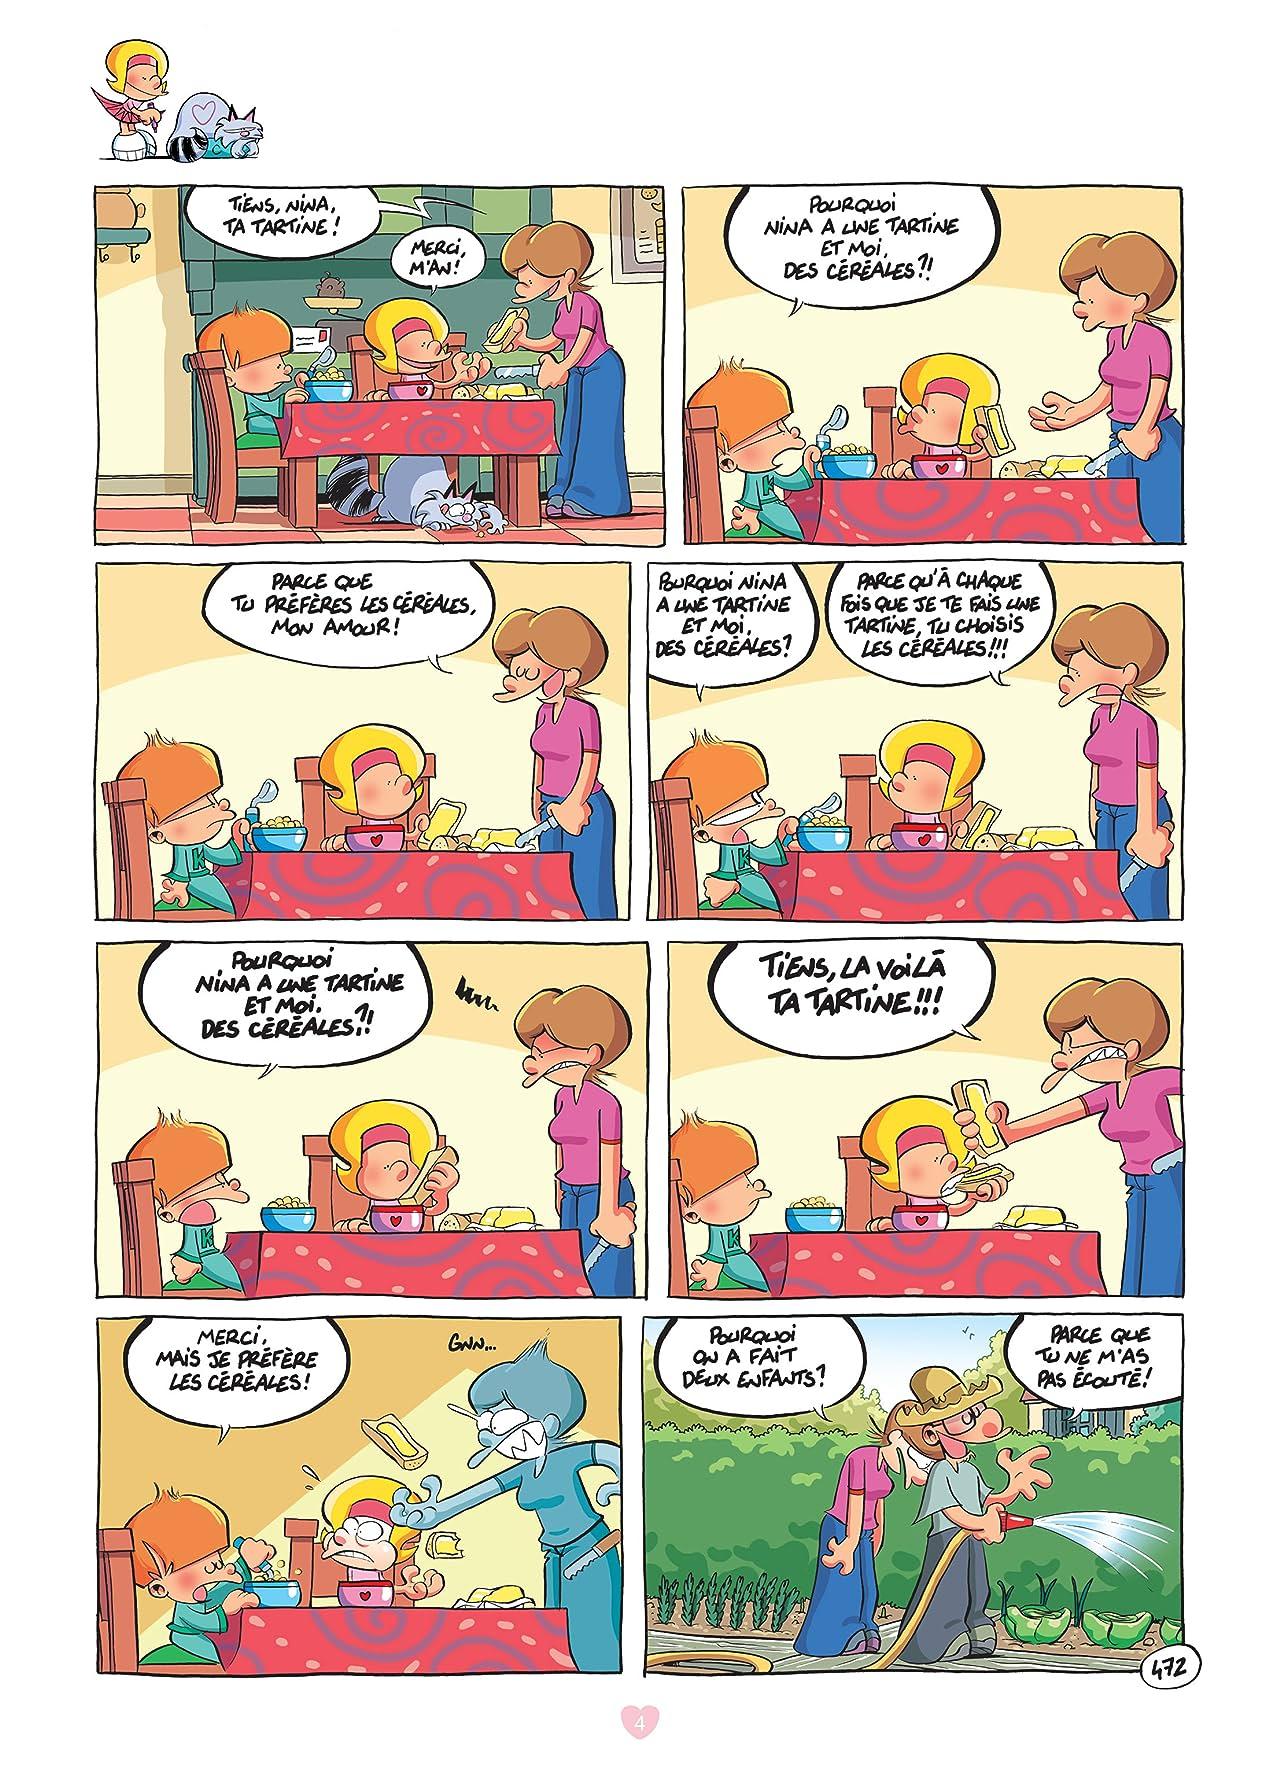 Les P'tits diables Hors-Série: Ça va être ta fête Maman !